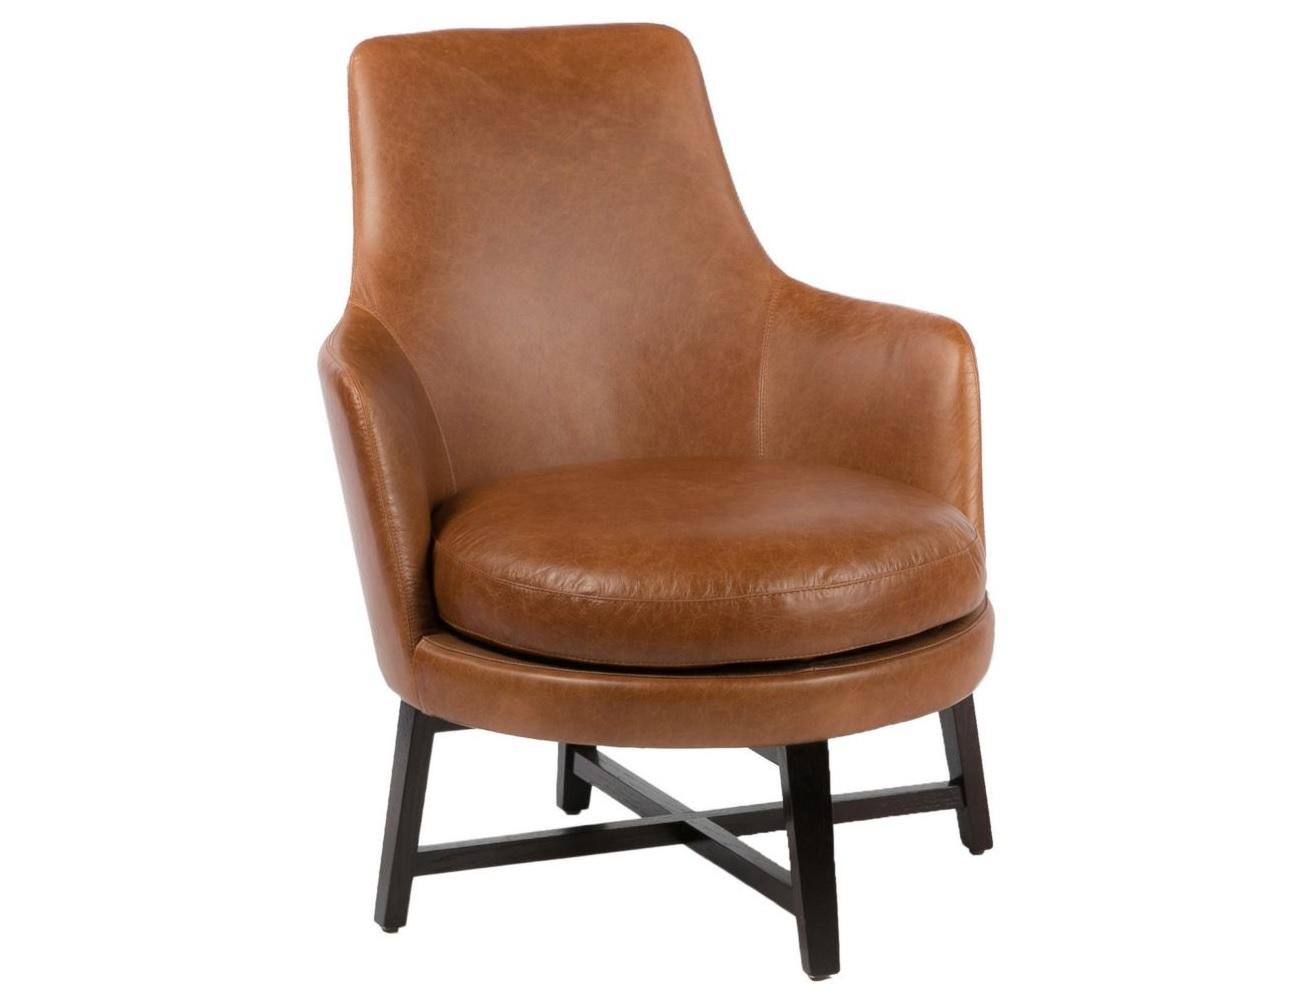 Кресло GuscioКожаные кресла<br><br><br>Material: Кожа<br>Ширина см: 66<br>Высота см: 82<br>Глубина см: 80